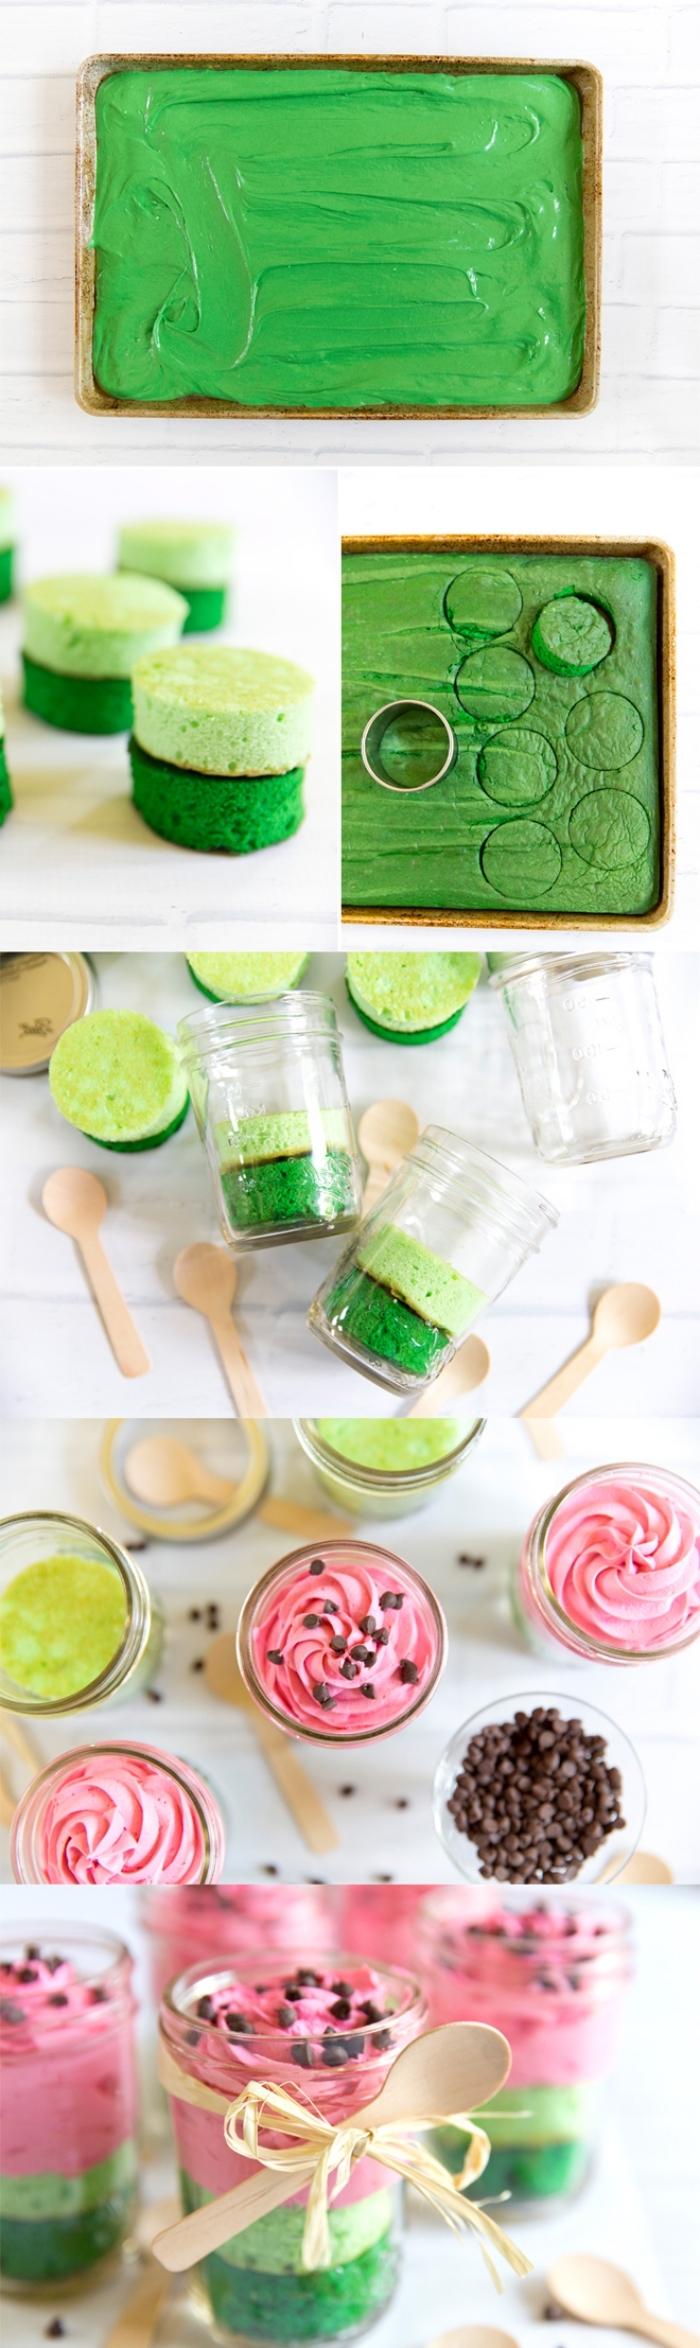 glaskuchen zubereiten, grüner tortenboden, rosa buttercreme, schokoladenchips